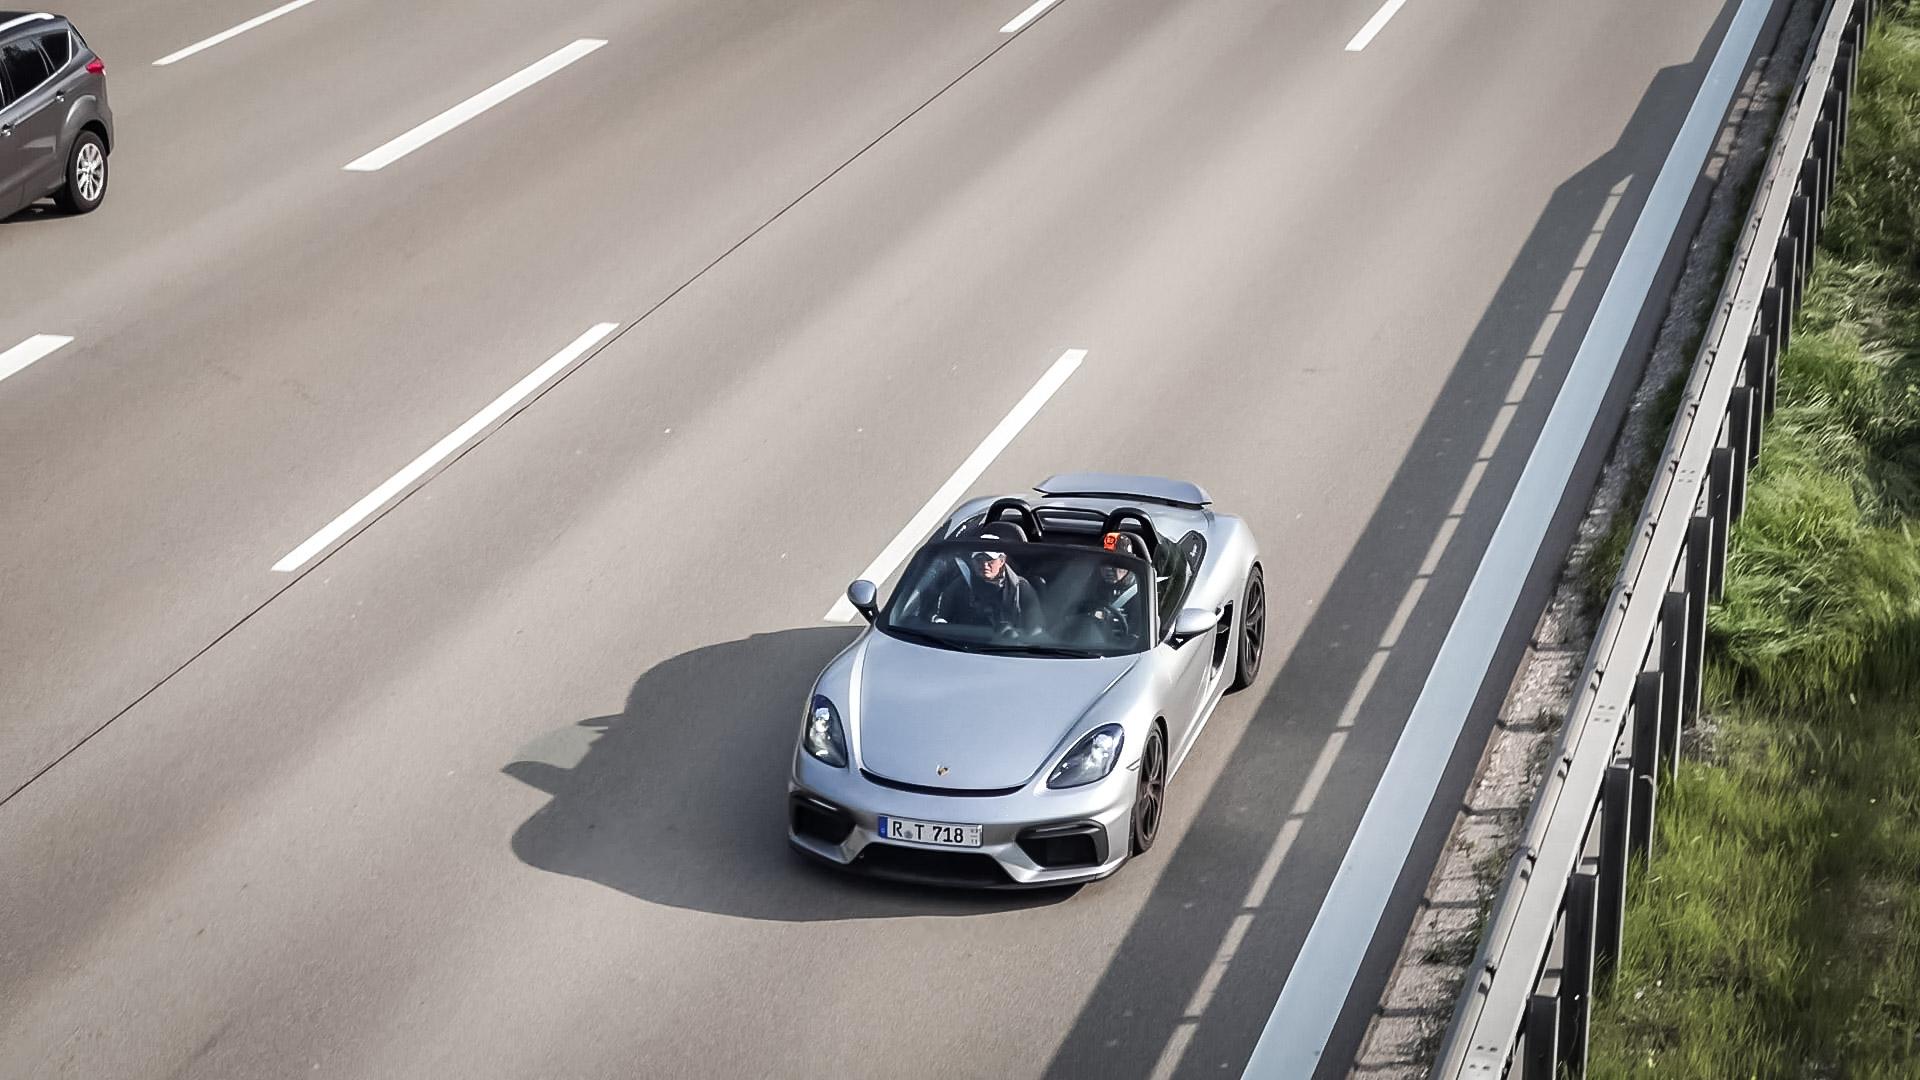 Porsche 718 Spyder - R-TO-718